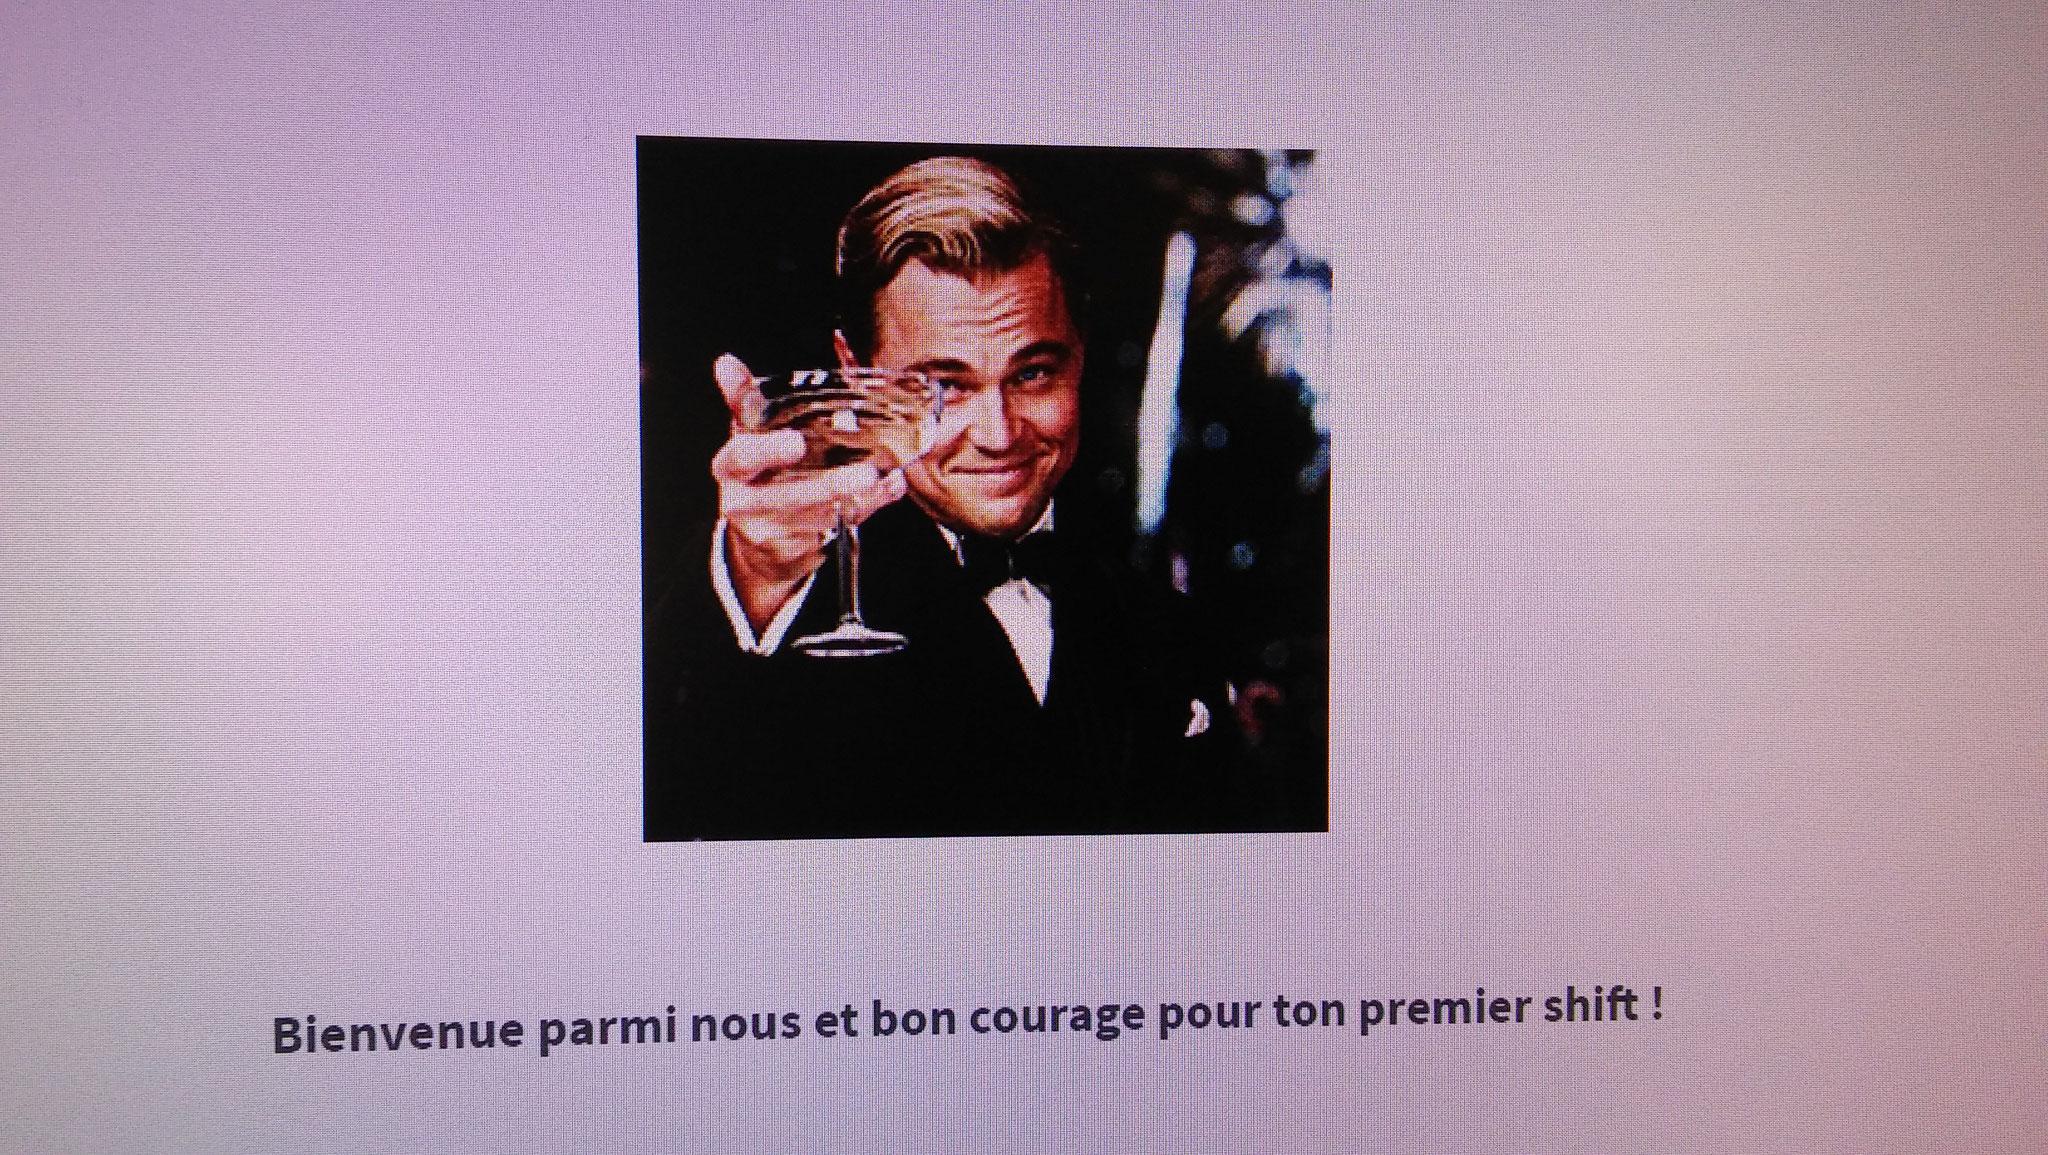 A la fin des questions, Leonardo di Caprio lève son verre pour saluer le nouveau livreur. Dans la salle, l'ambiance est moins détendue